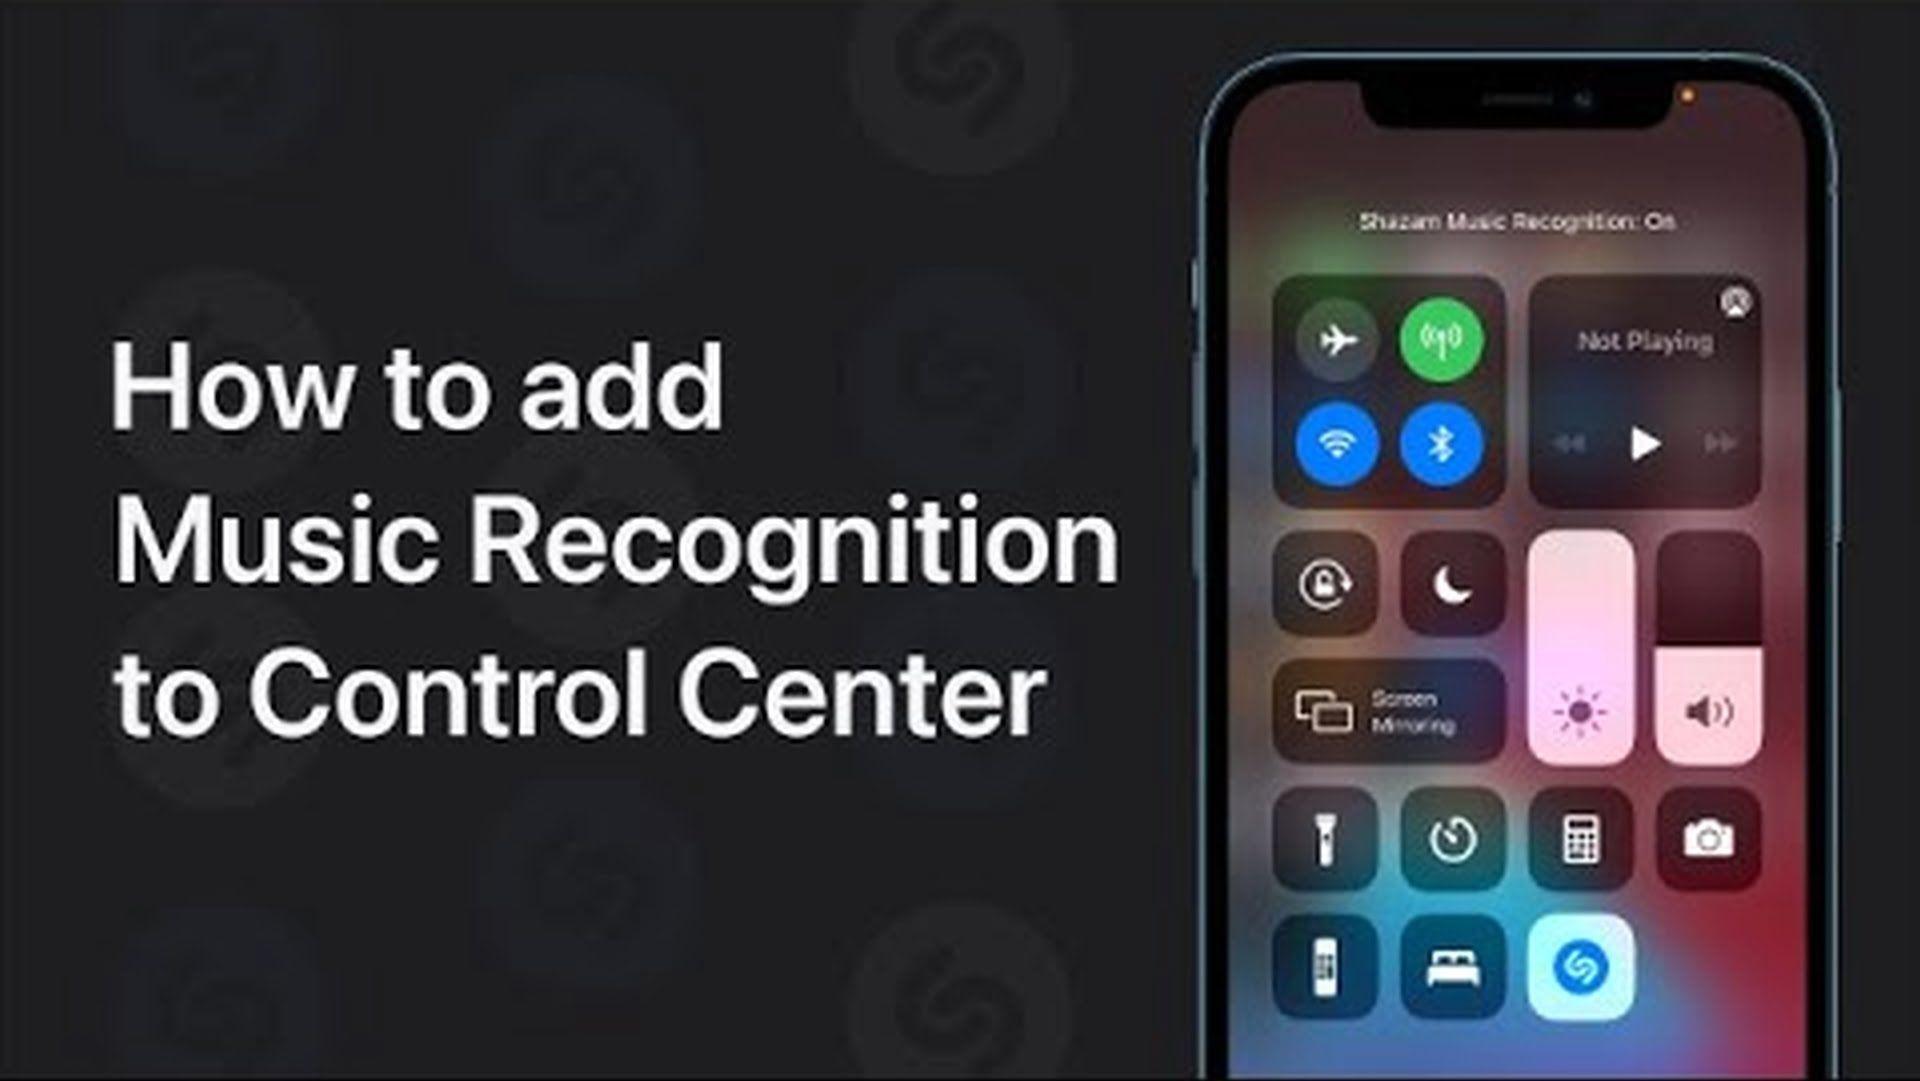 Poradnik Apple: Jak dodać rozpoznawanie muzyki do Centrum Sterowania